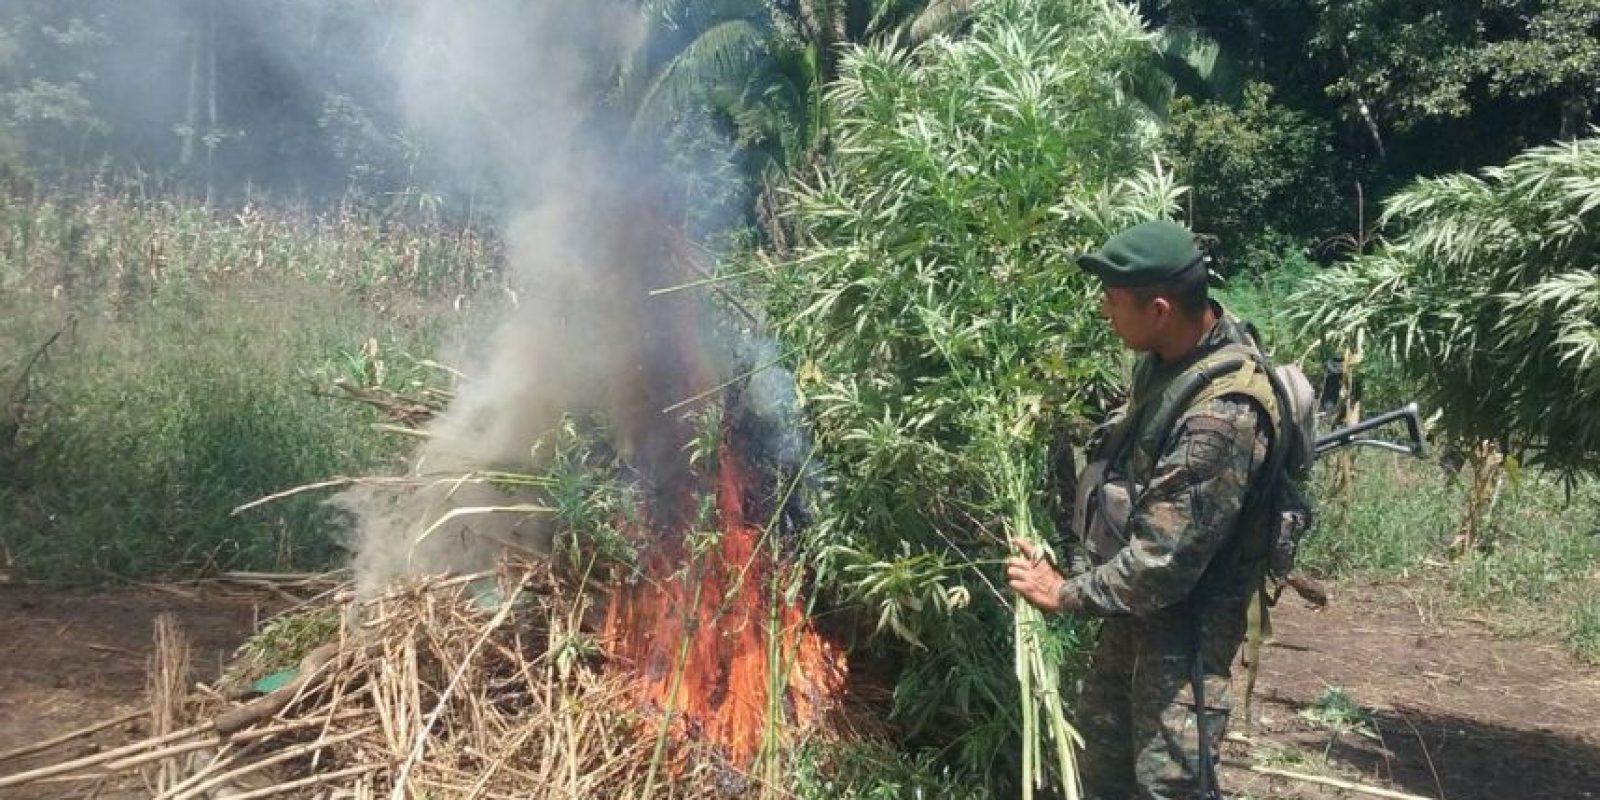 La quema de la marihuana. Foto:Ejército